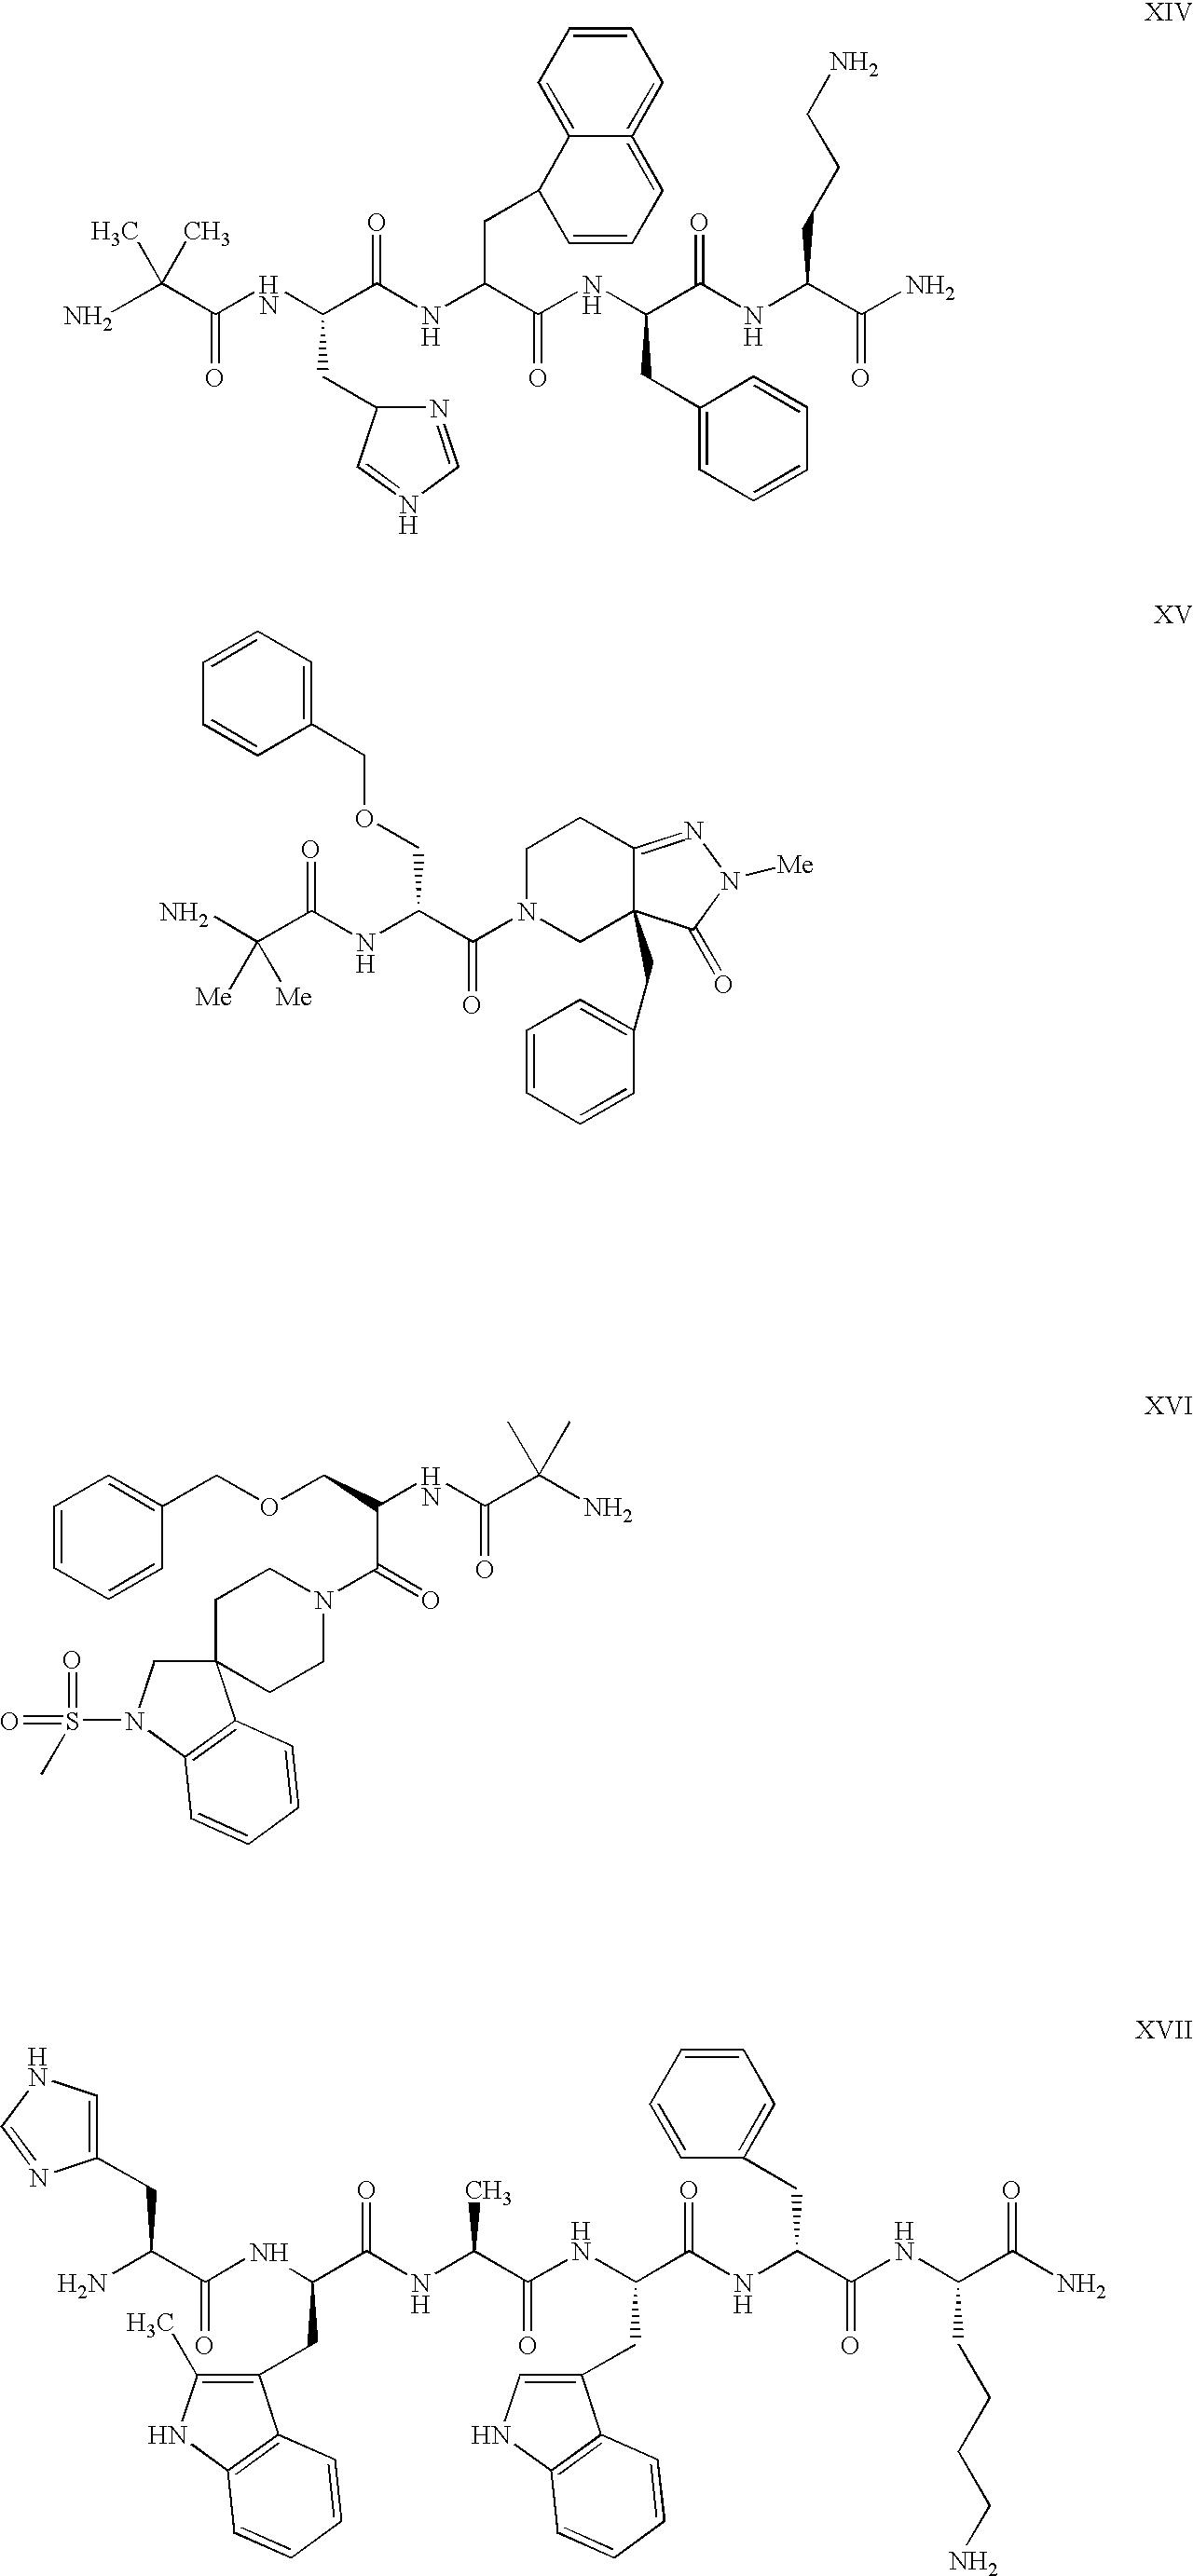 Figure US20050261201A1-20051124-C00093